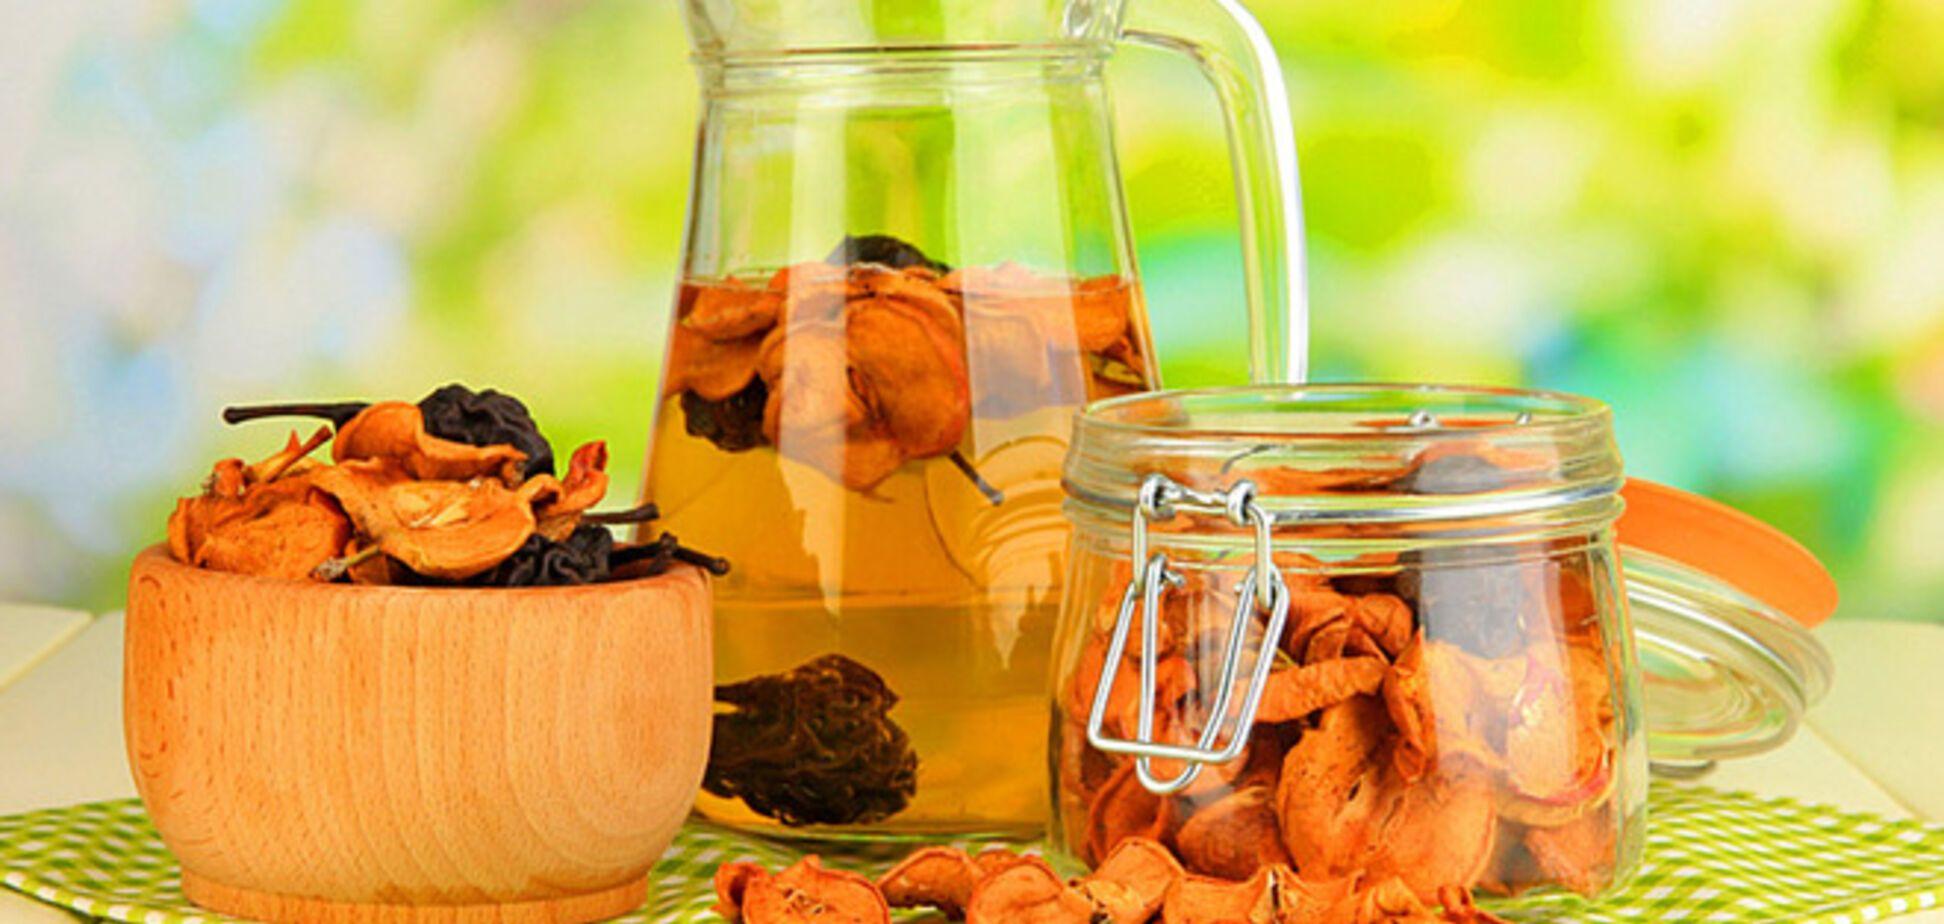 Напитки в жару: озвучены опасные и полезные способы утоления жажды